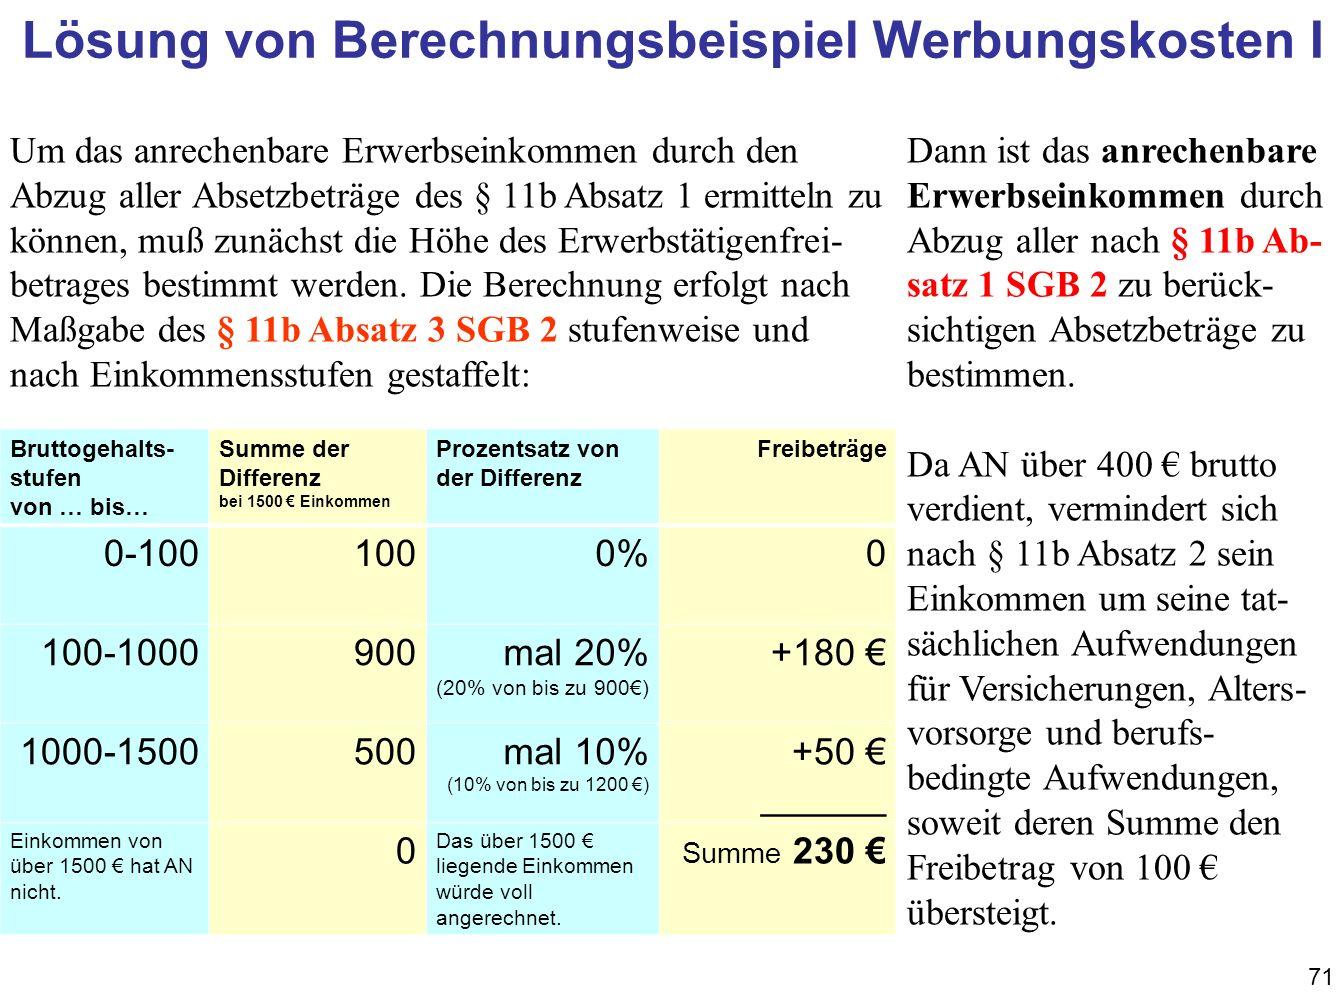 71 Lösung von Berechnungsbeispiel Werbungskosten I Bruttogehalts- stufen von … bis… Summe der Differenz bei 1500 Einkommen Prozentsatz von der Differenz Freibeträge 0-1001000%0 100-1000900mal 20% (20% von bis zu 900) +180 1000-1500500mal 10% (10% von bis zu 1200 ) +50 ______ Einkommen von über 1500 hat AN nicht.